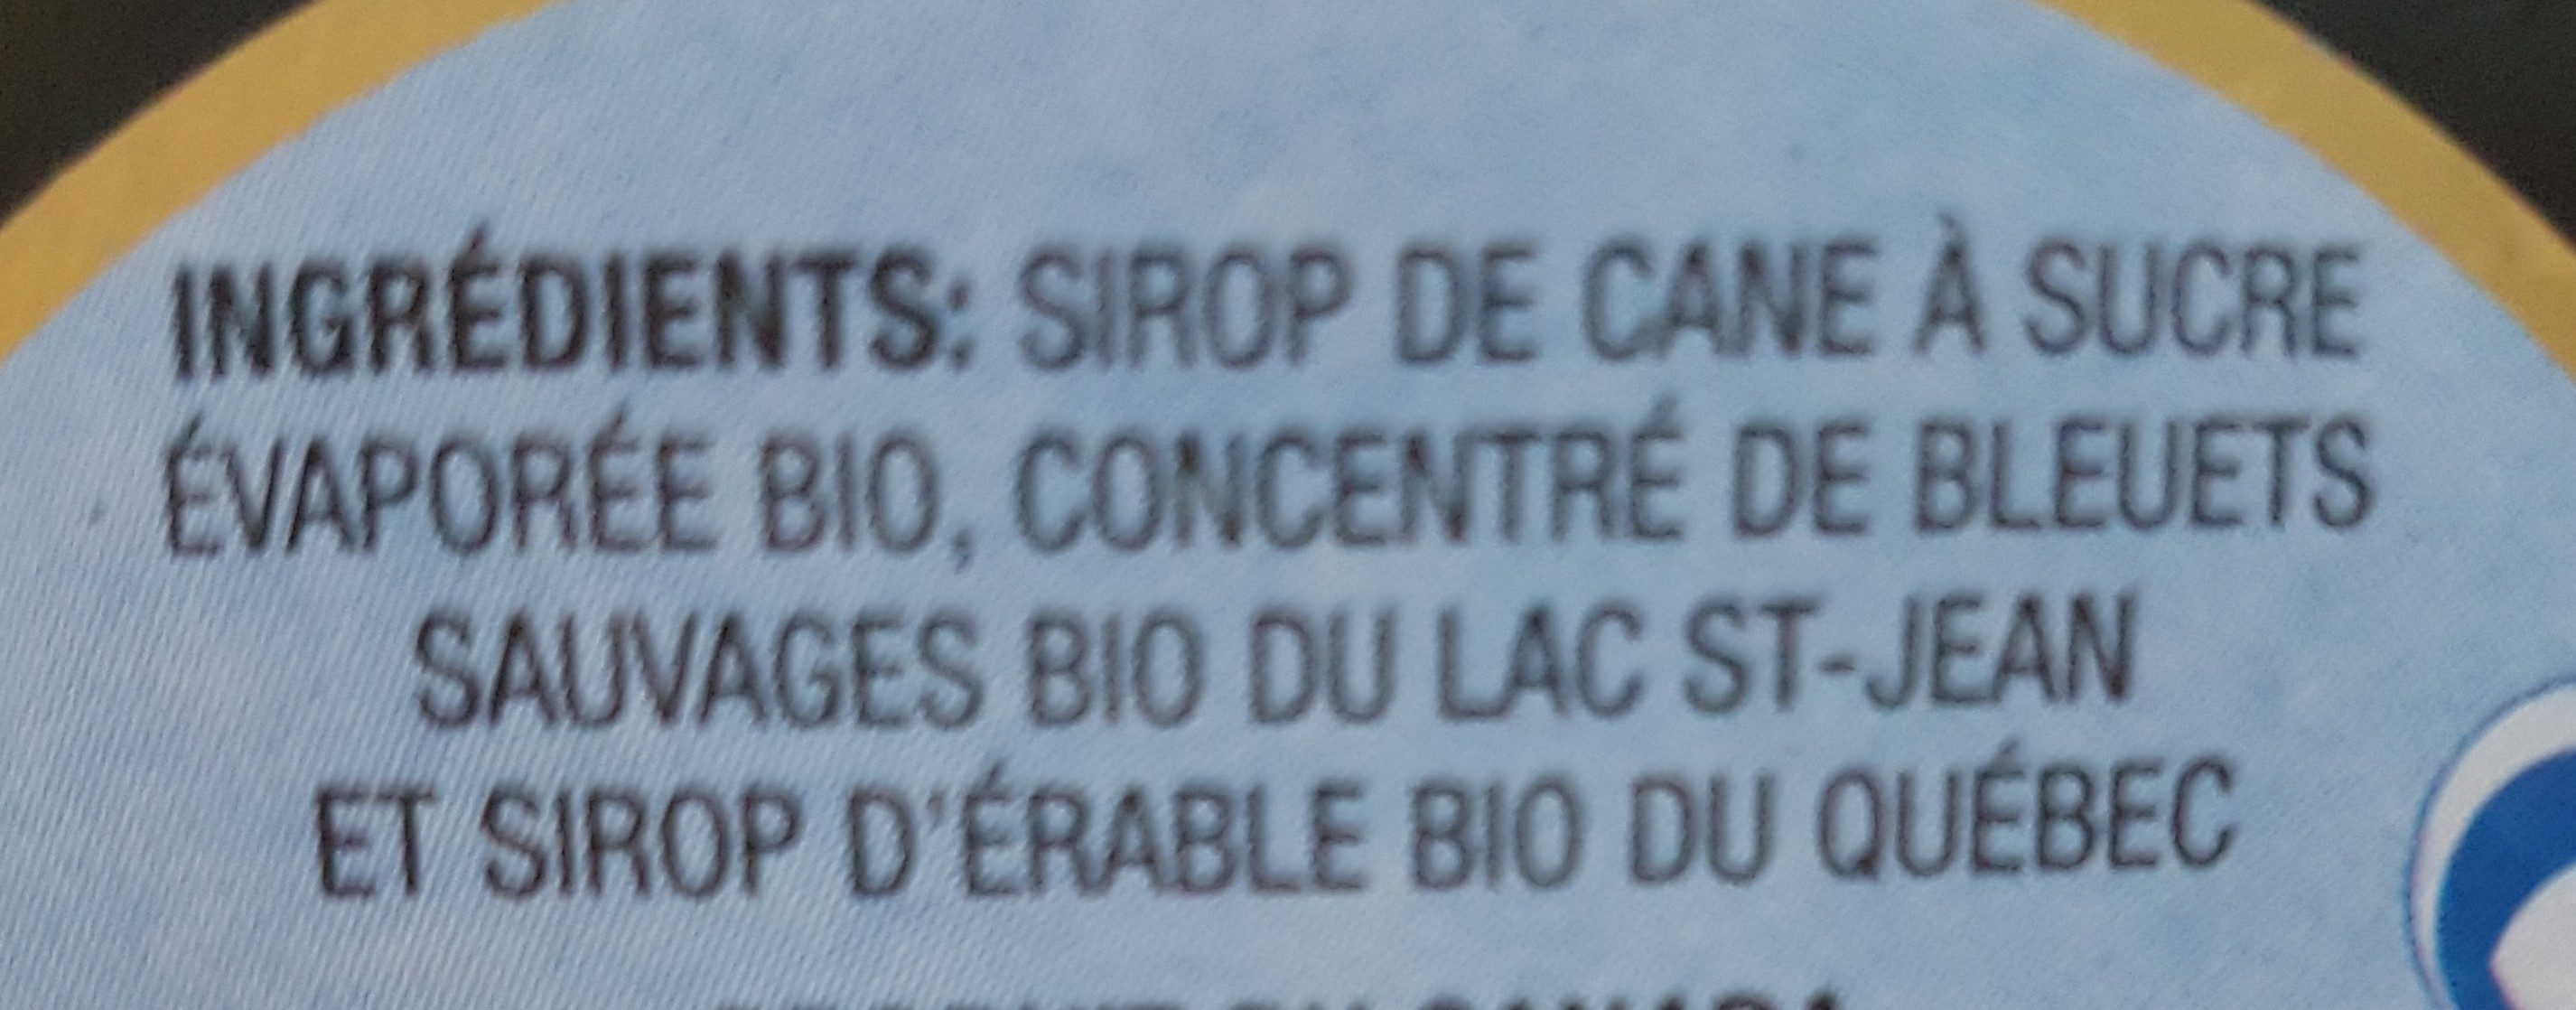 Sirop de bleuet du lac st-jean - Ingrédients - fr